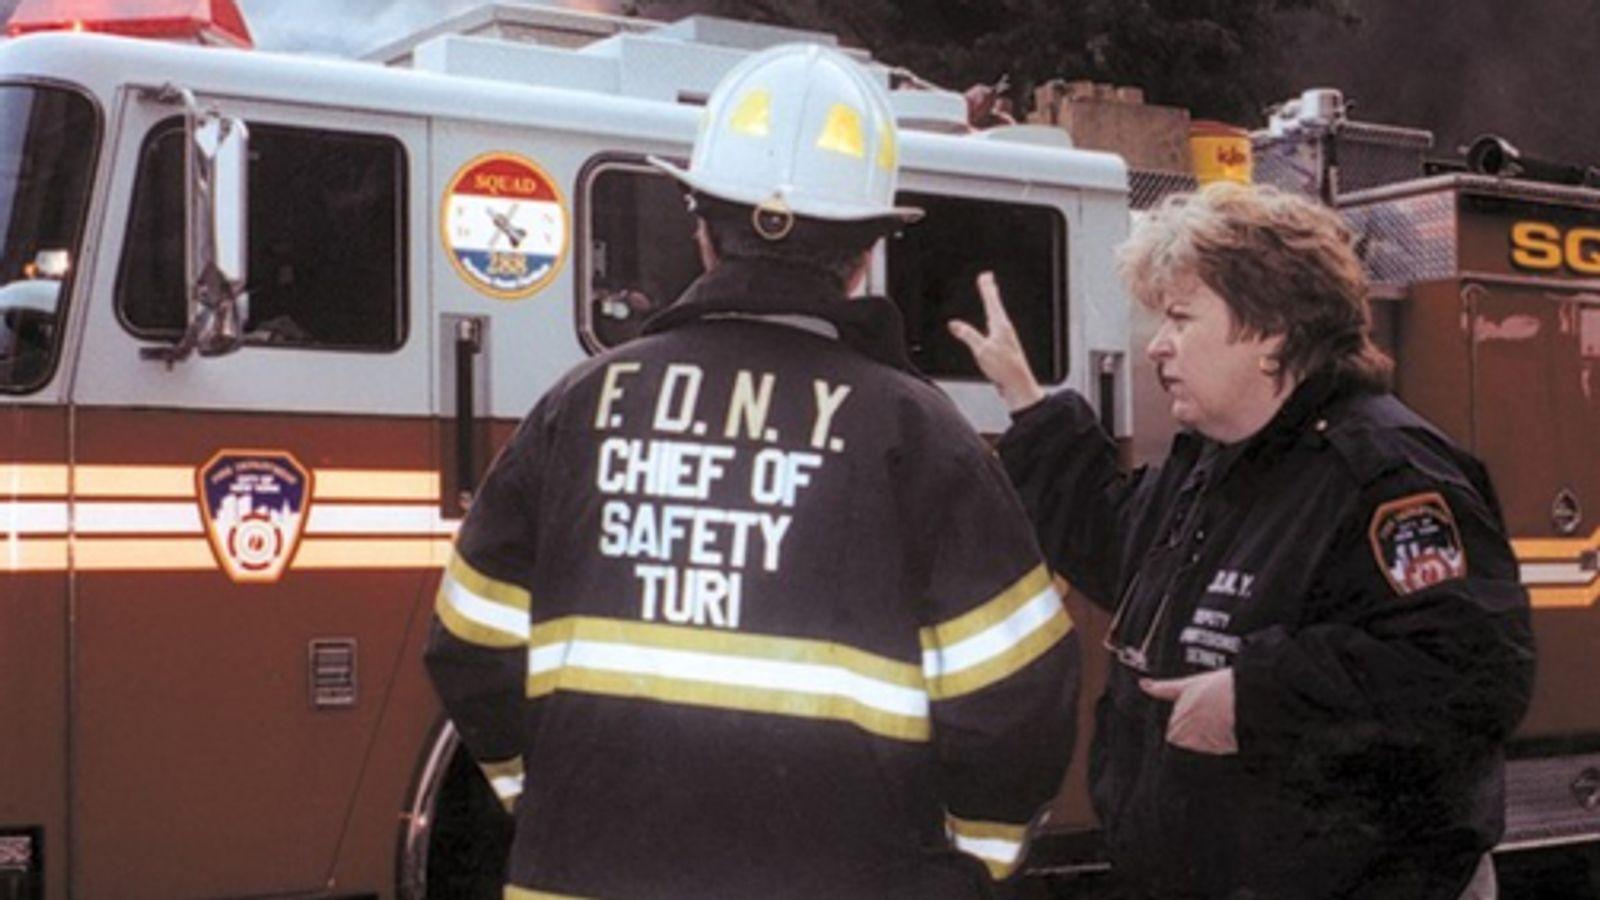 Tâm sự của người bị thiêu sống trong thảm kịch khủng bố 11-9-2001 - Ảnh 6.